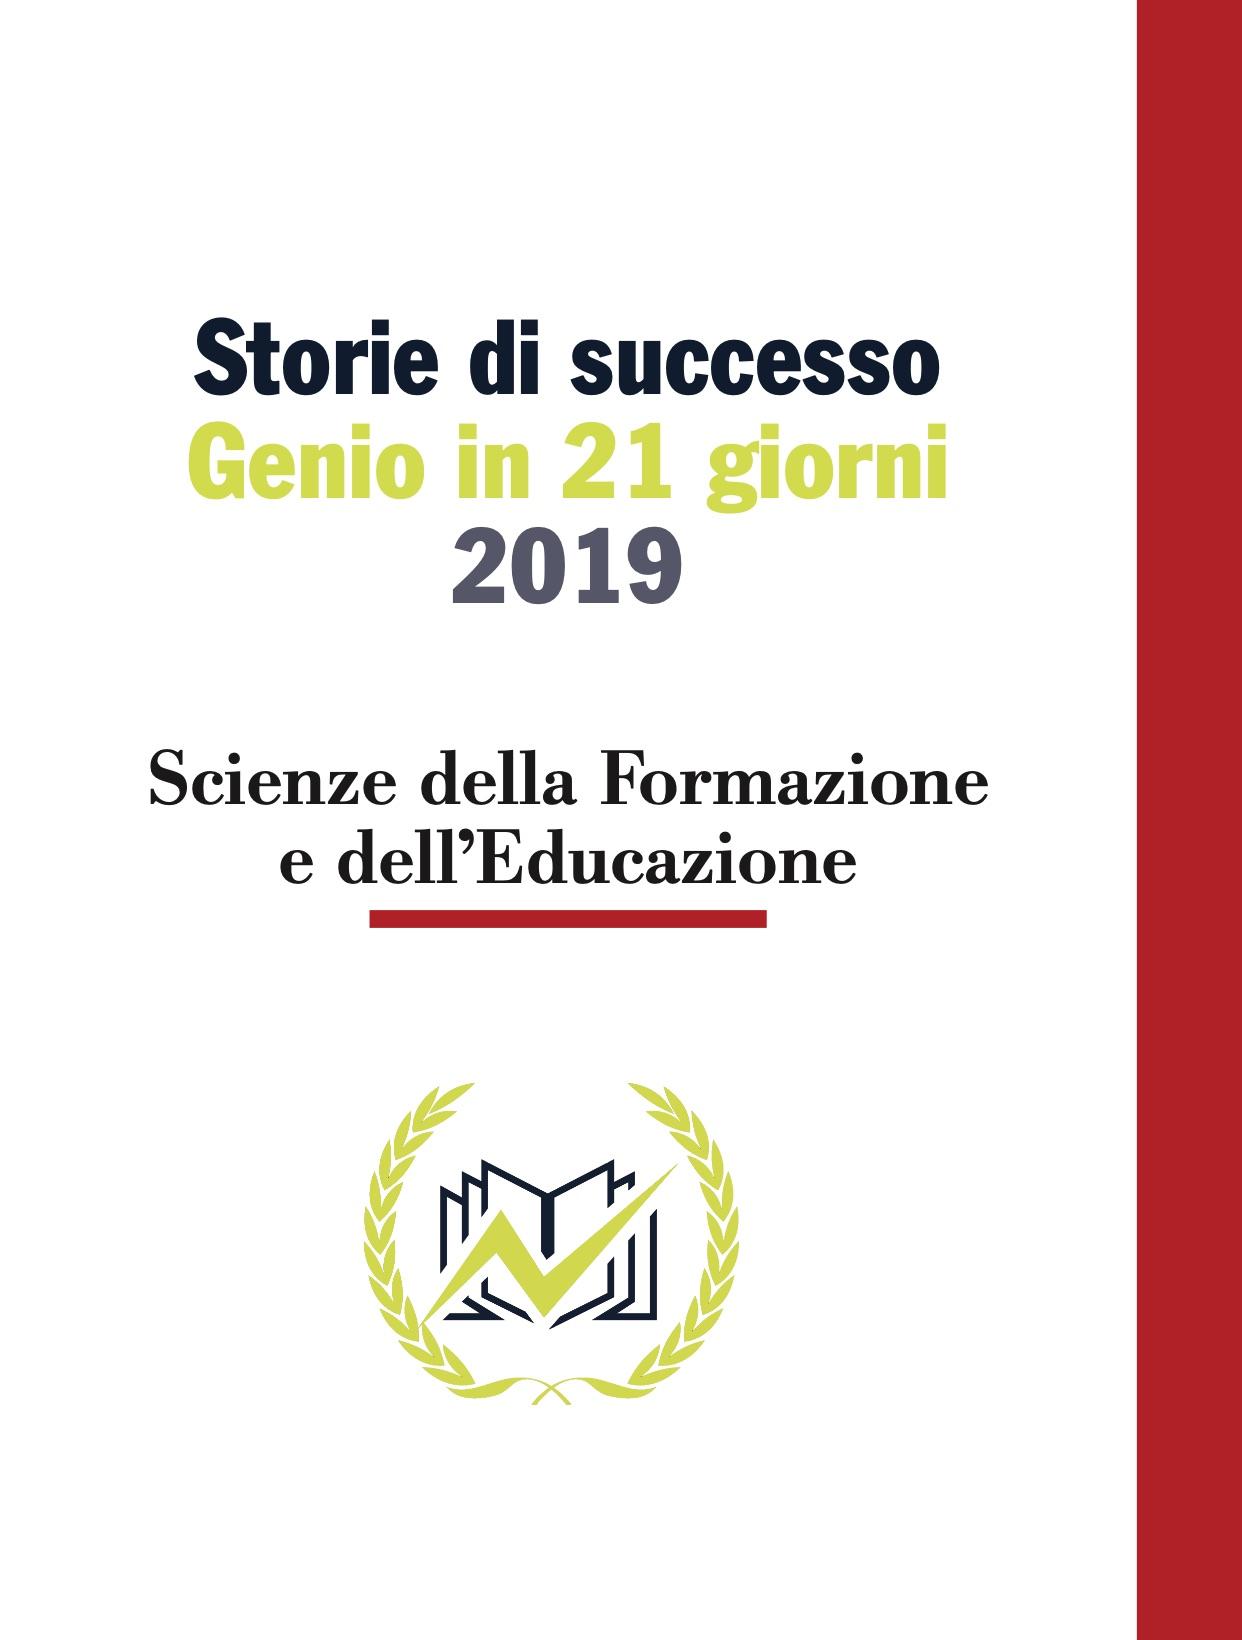 Testimonianze Genio in 21 Giorni Scienze della Formazione e dell'educazione